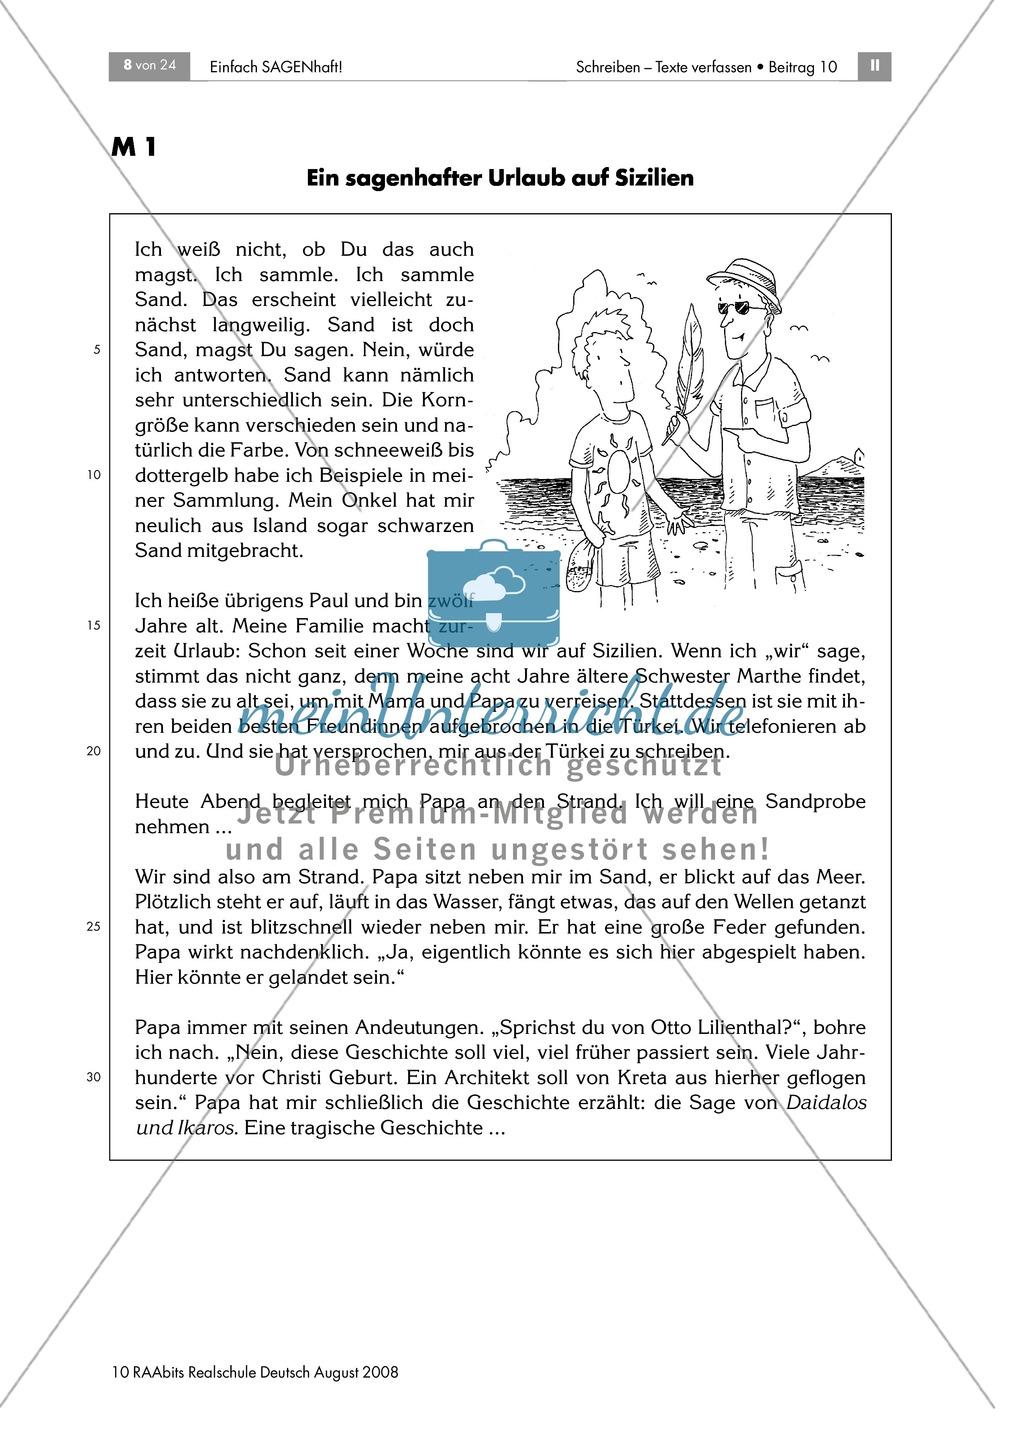 Daidalos und Ikarus: Den Inhalt der Sagen in eigenen Worten ...